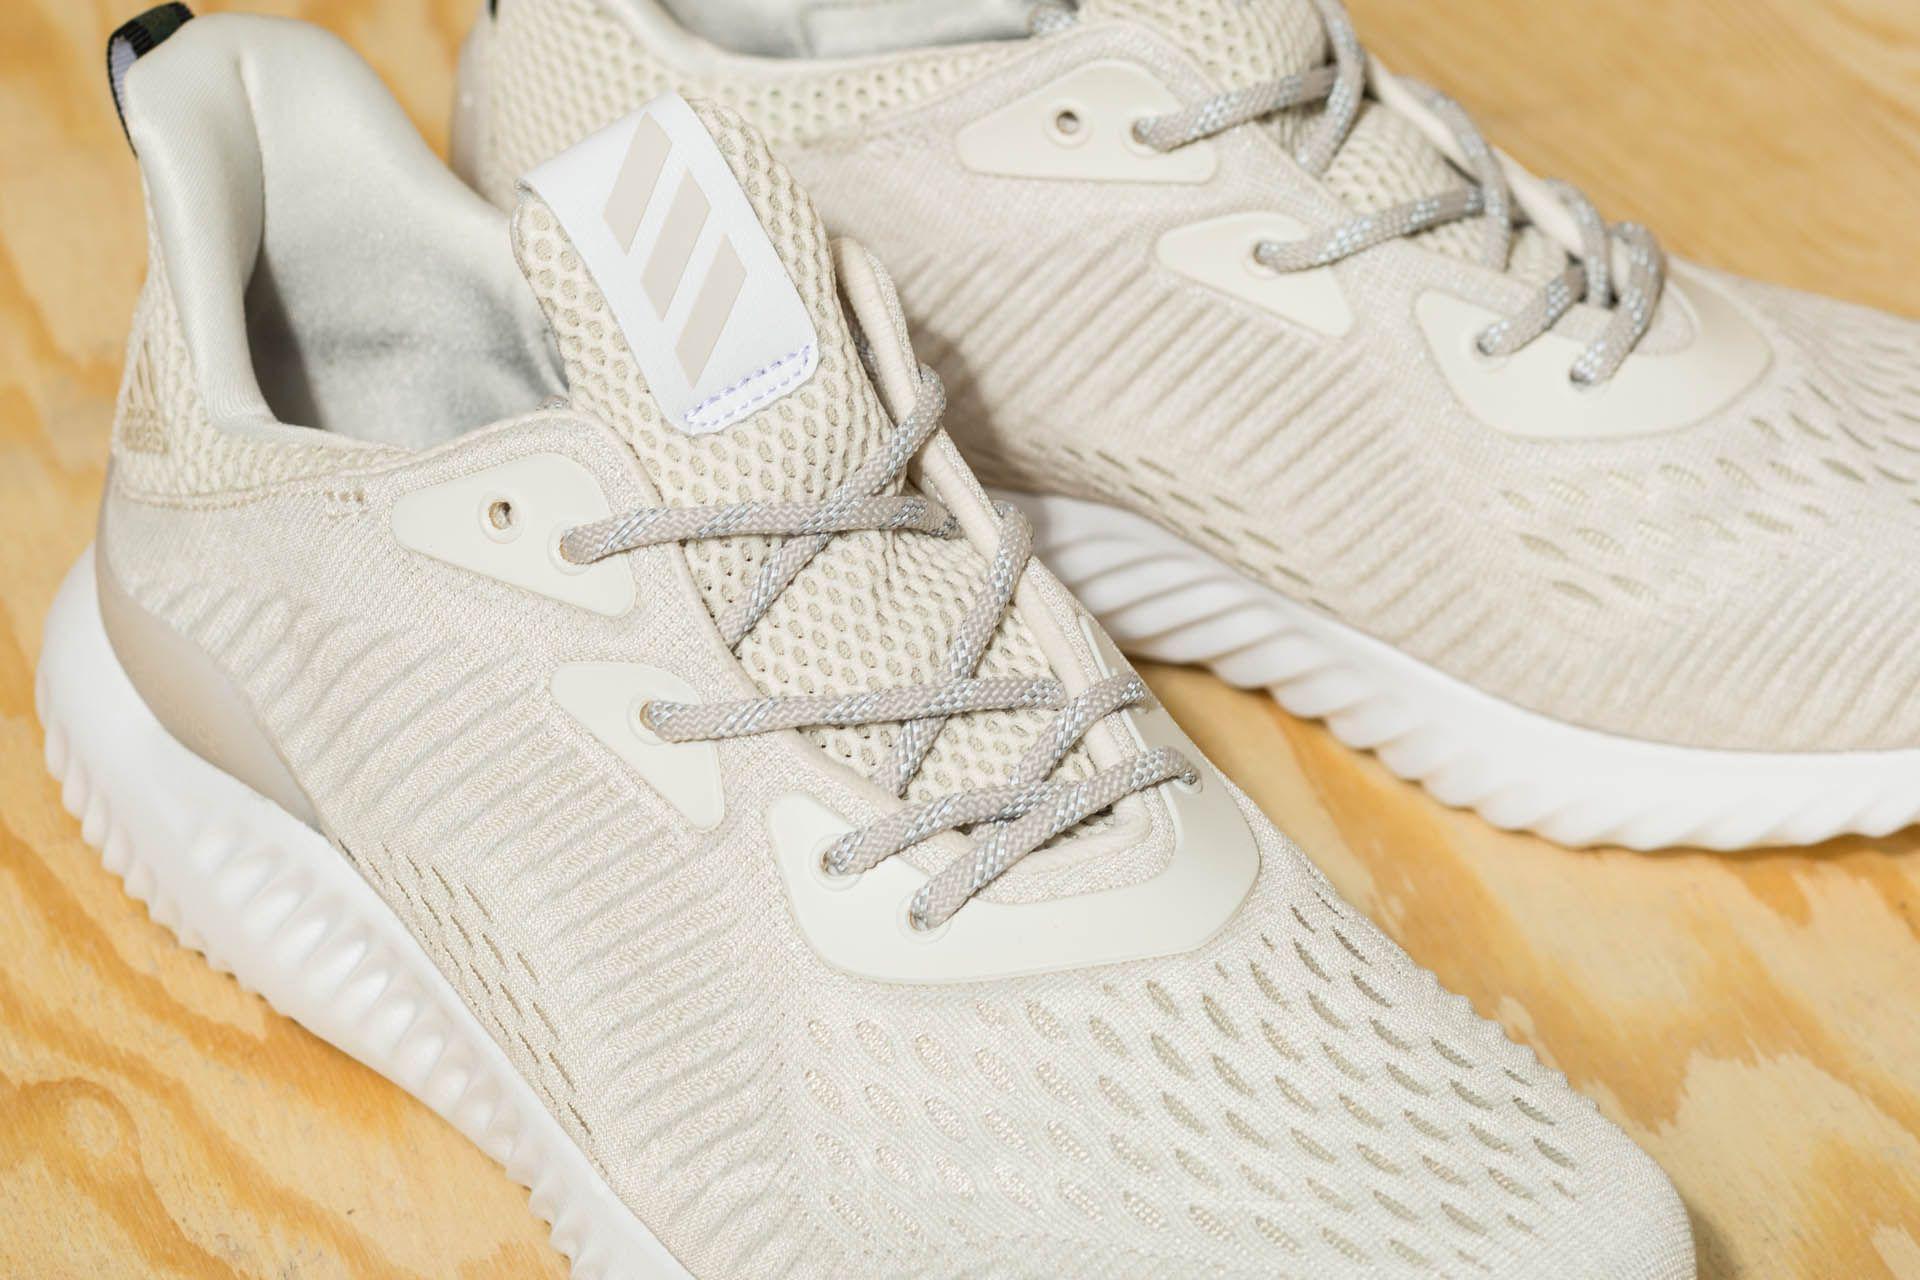 6f9e53d5dba7 Lyst - Footshop Adidas Alphabounce Em Chalk White  Footwear White ...